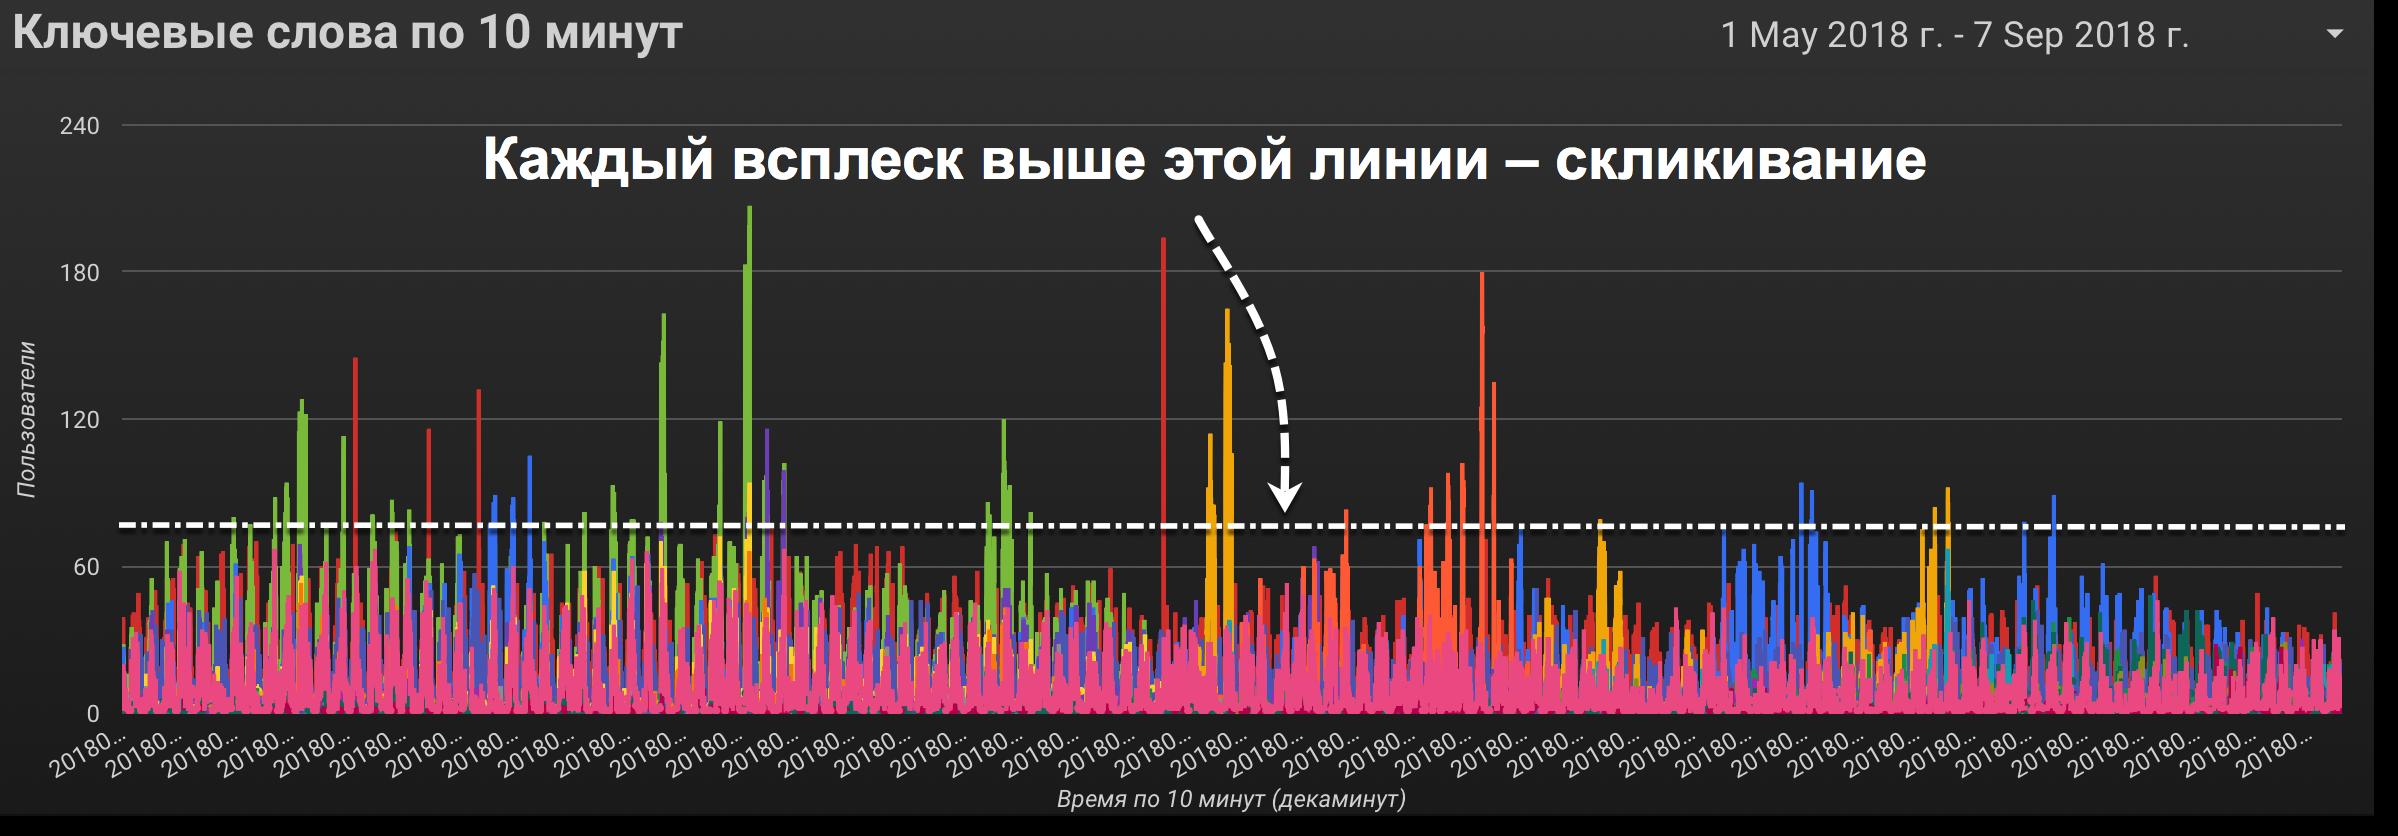 Как победить скликивание в Я. Директ и AdWords на 600 тысяч рублей в месяц - 1